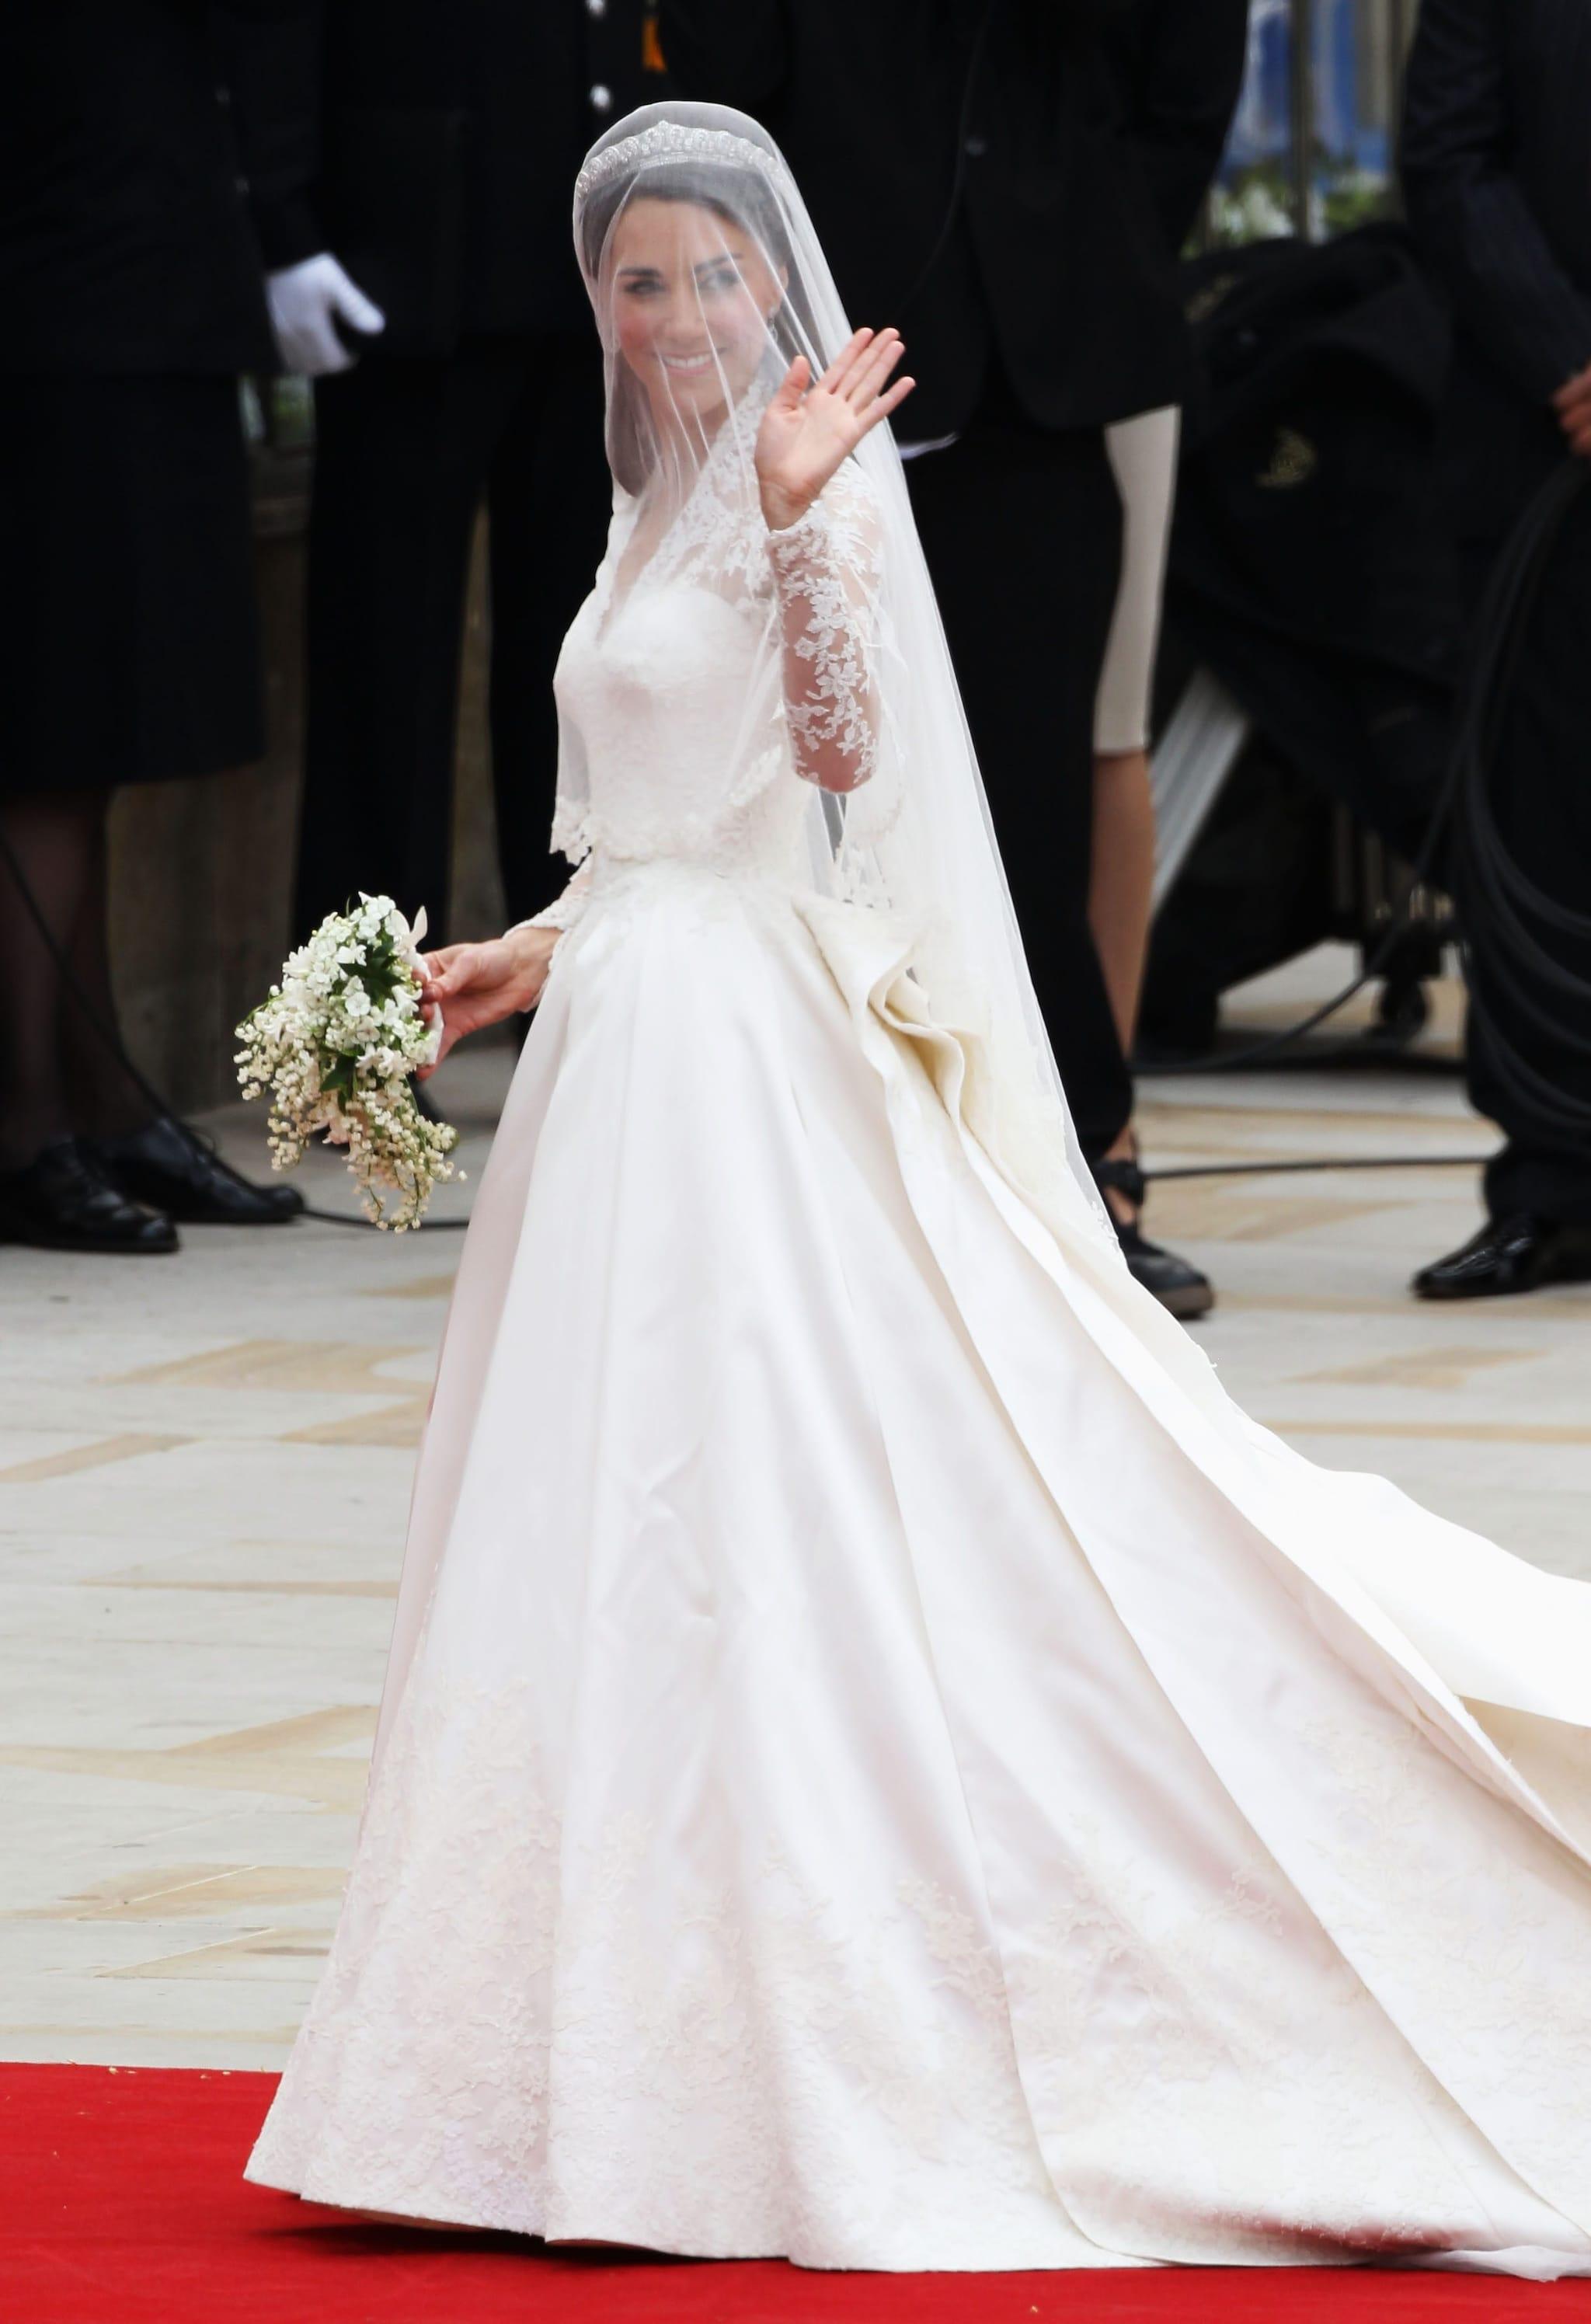 L'abito da sposa di Kate Middleton era firmato Alexander McQueen